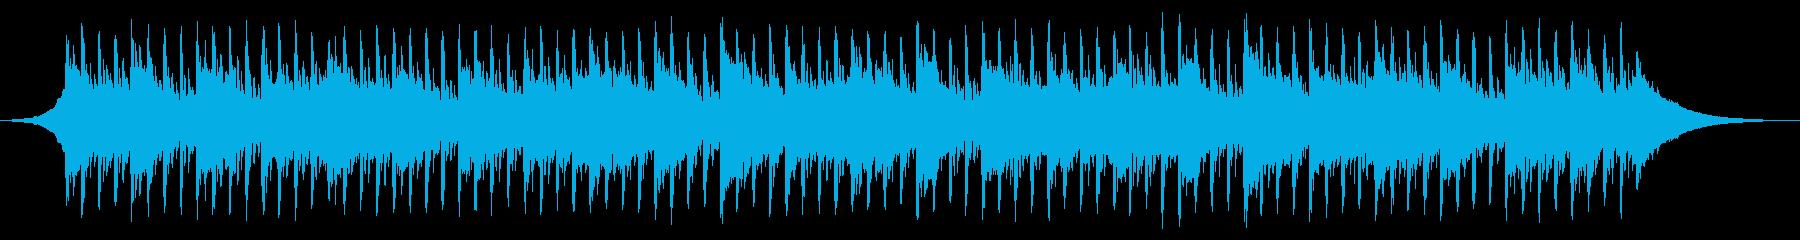 医学のインスピレーション(60秒)の再生済みの波形